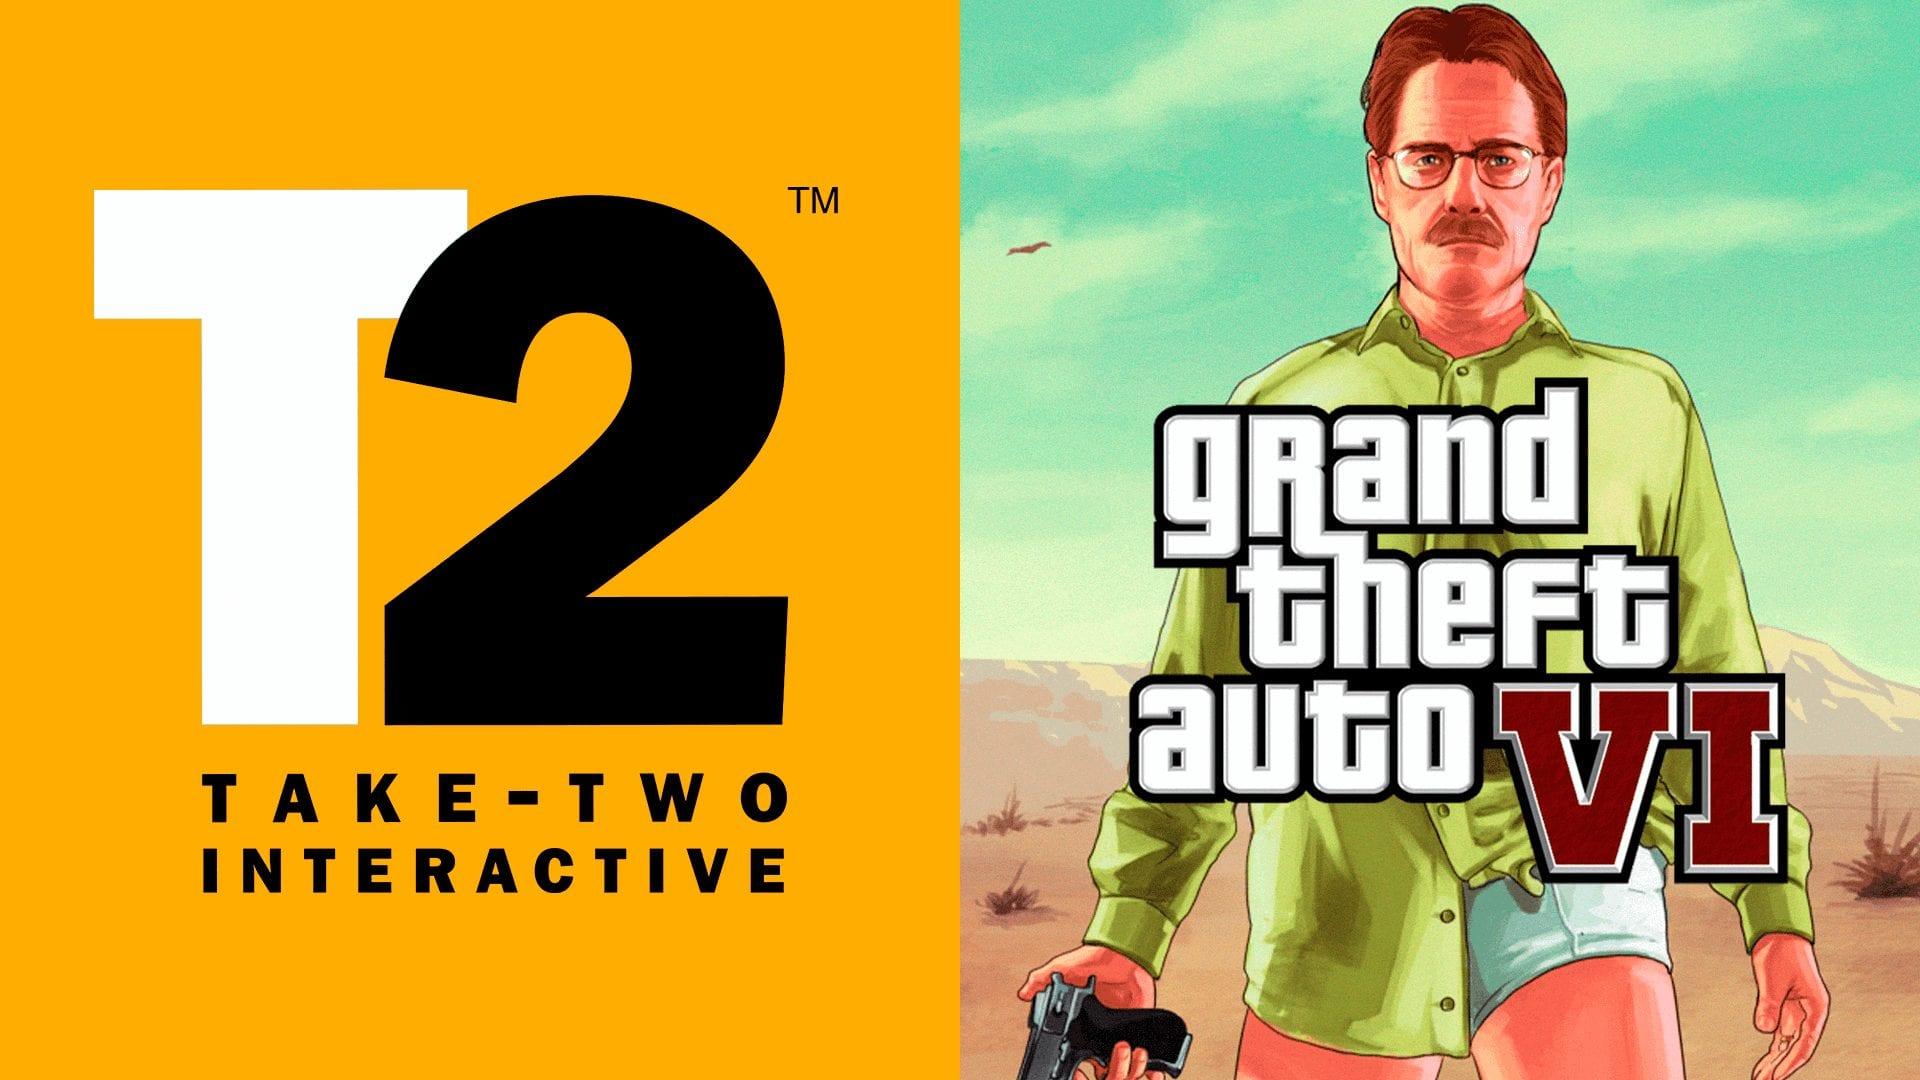 Parece seguro afirmar que Grand Theft Auto VI ou GTA 6 será o próximo game da Rockstar assim que GTA 5 for lançado para PS5 e Xbox Series.